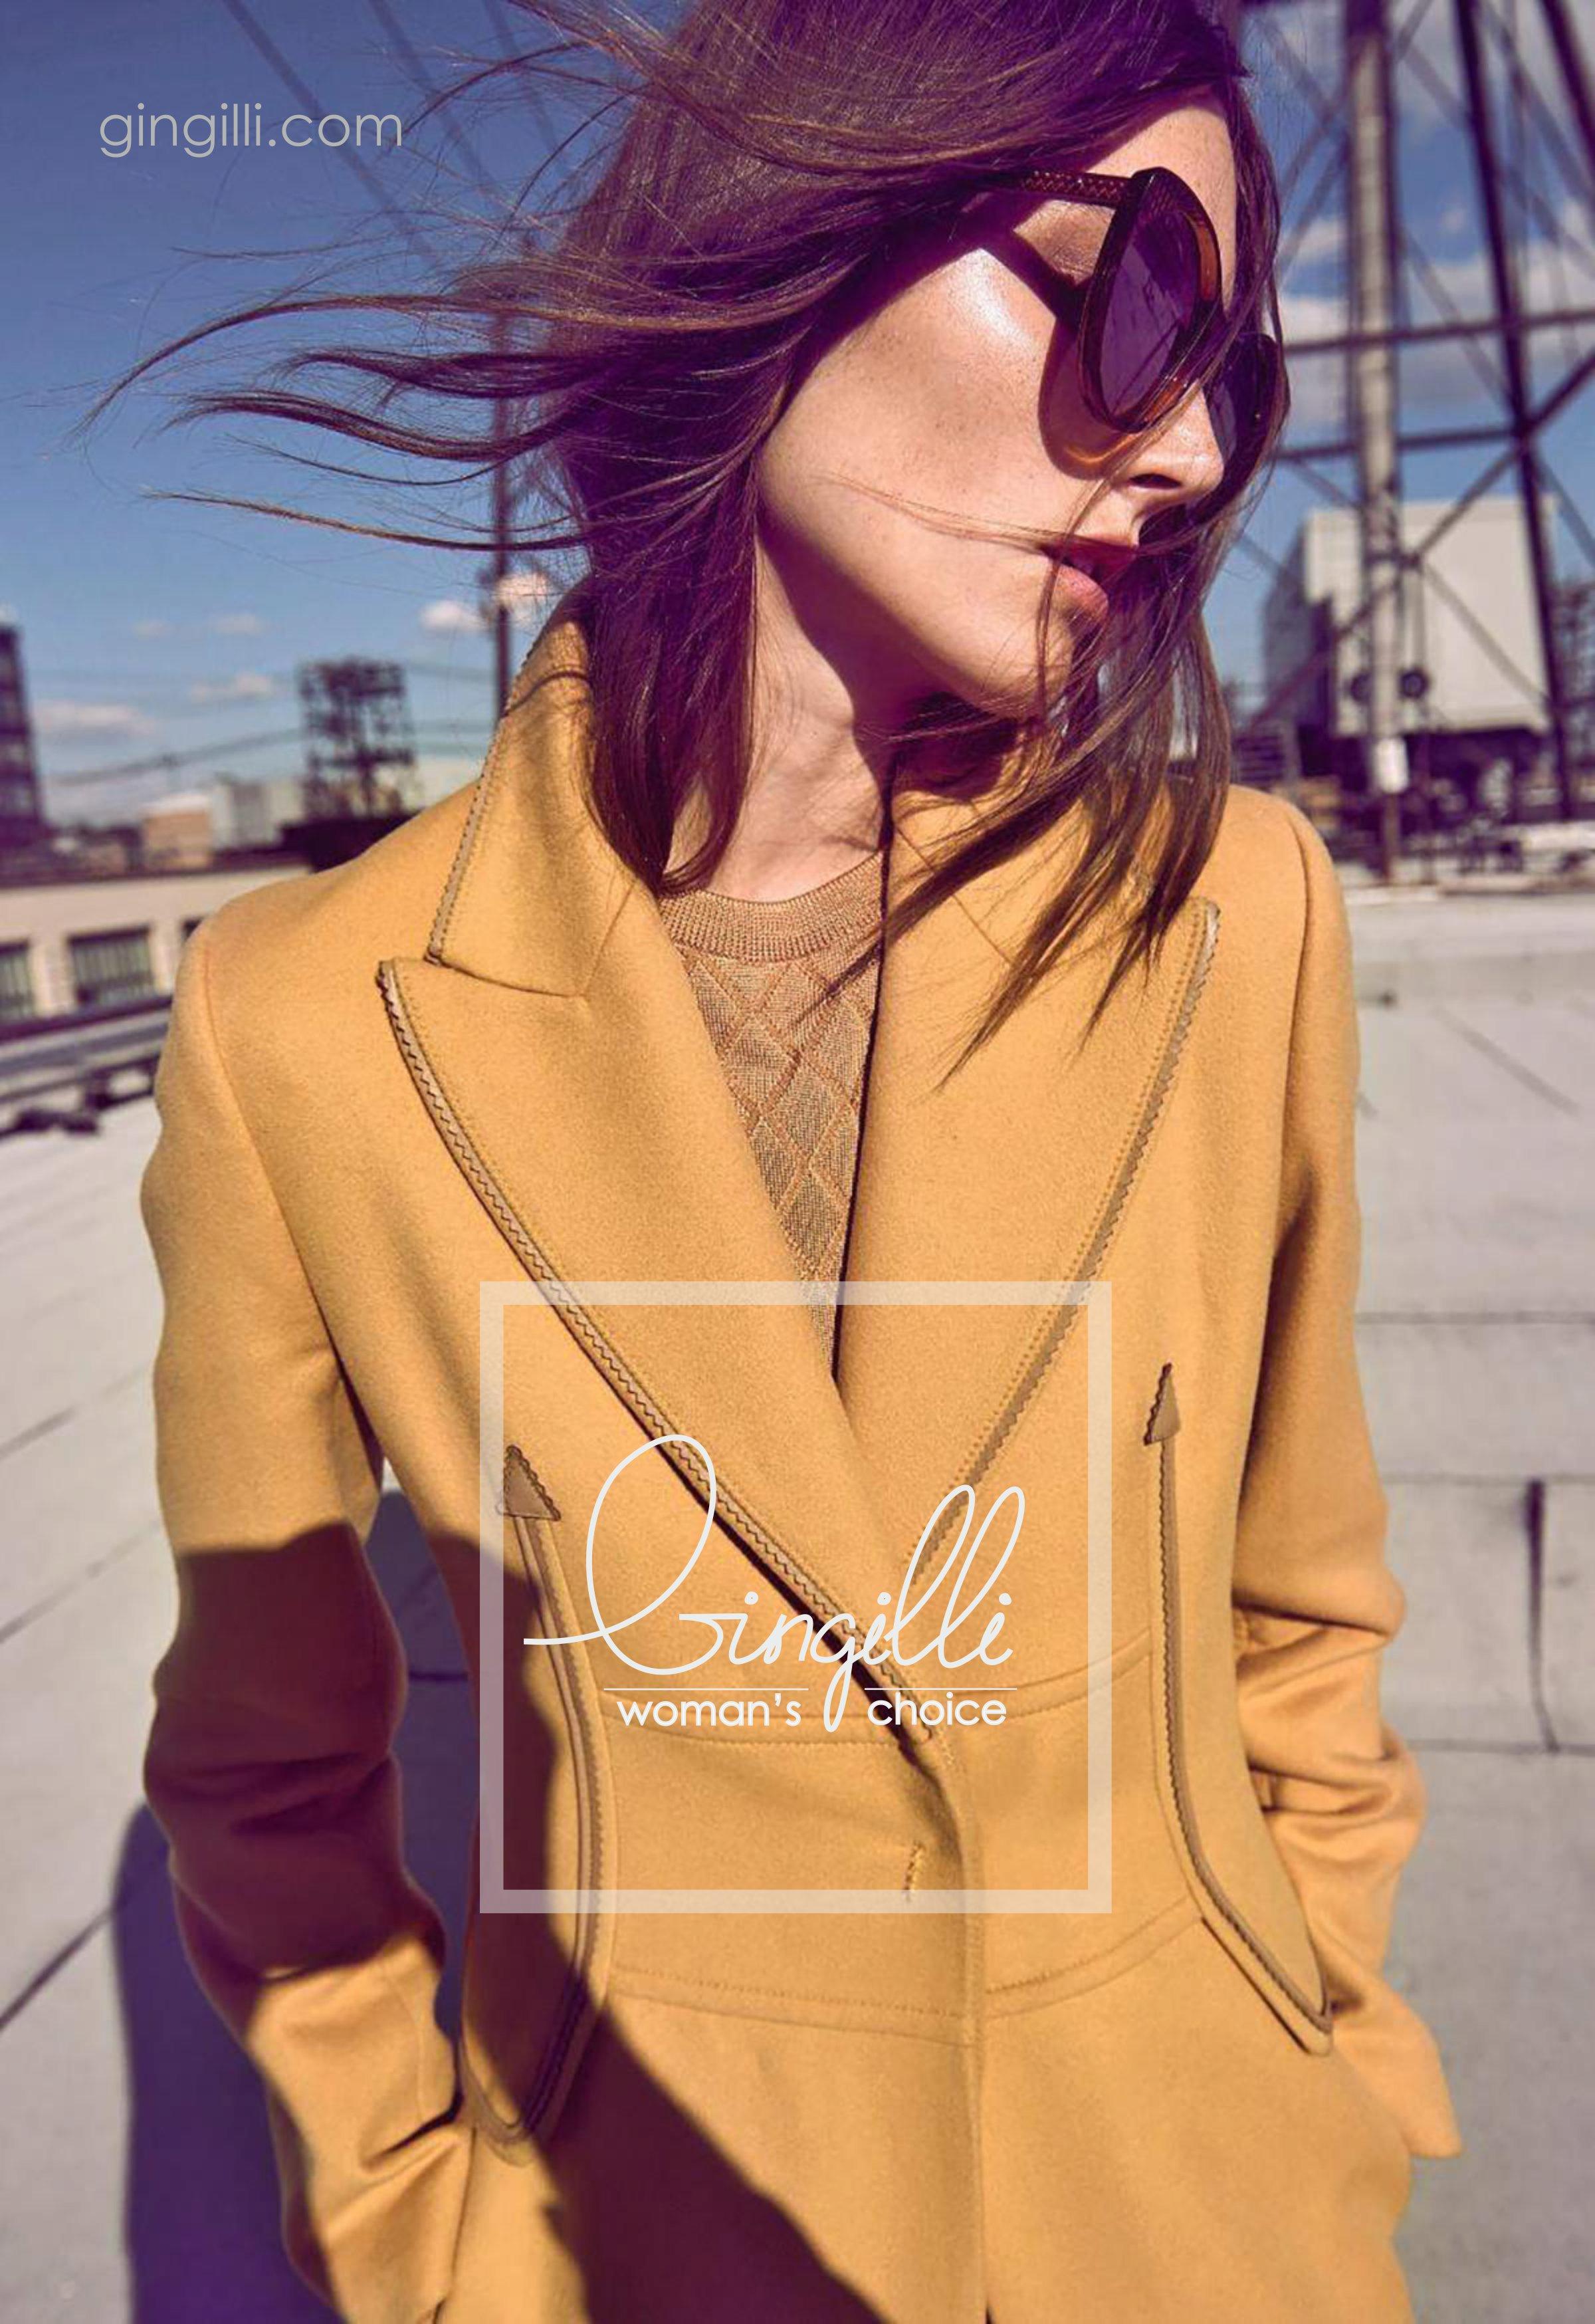 FASHION BRAND/ Разработка фирменного стиля для женской одежд фото f_6095a3368e3221f1.jpg